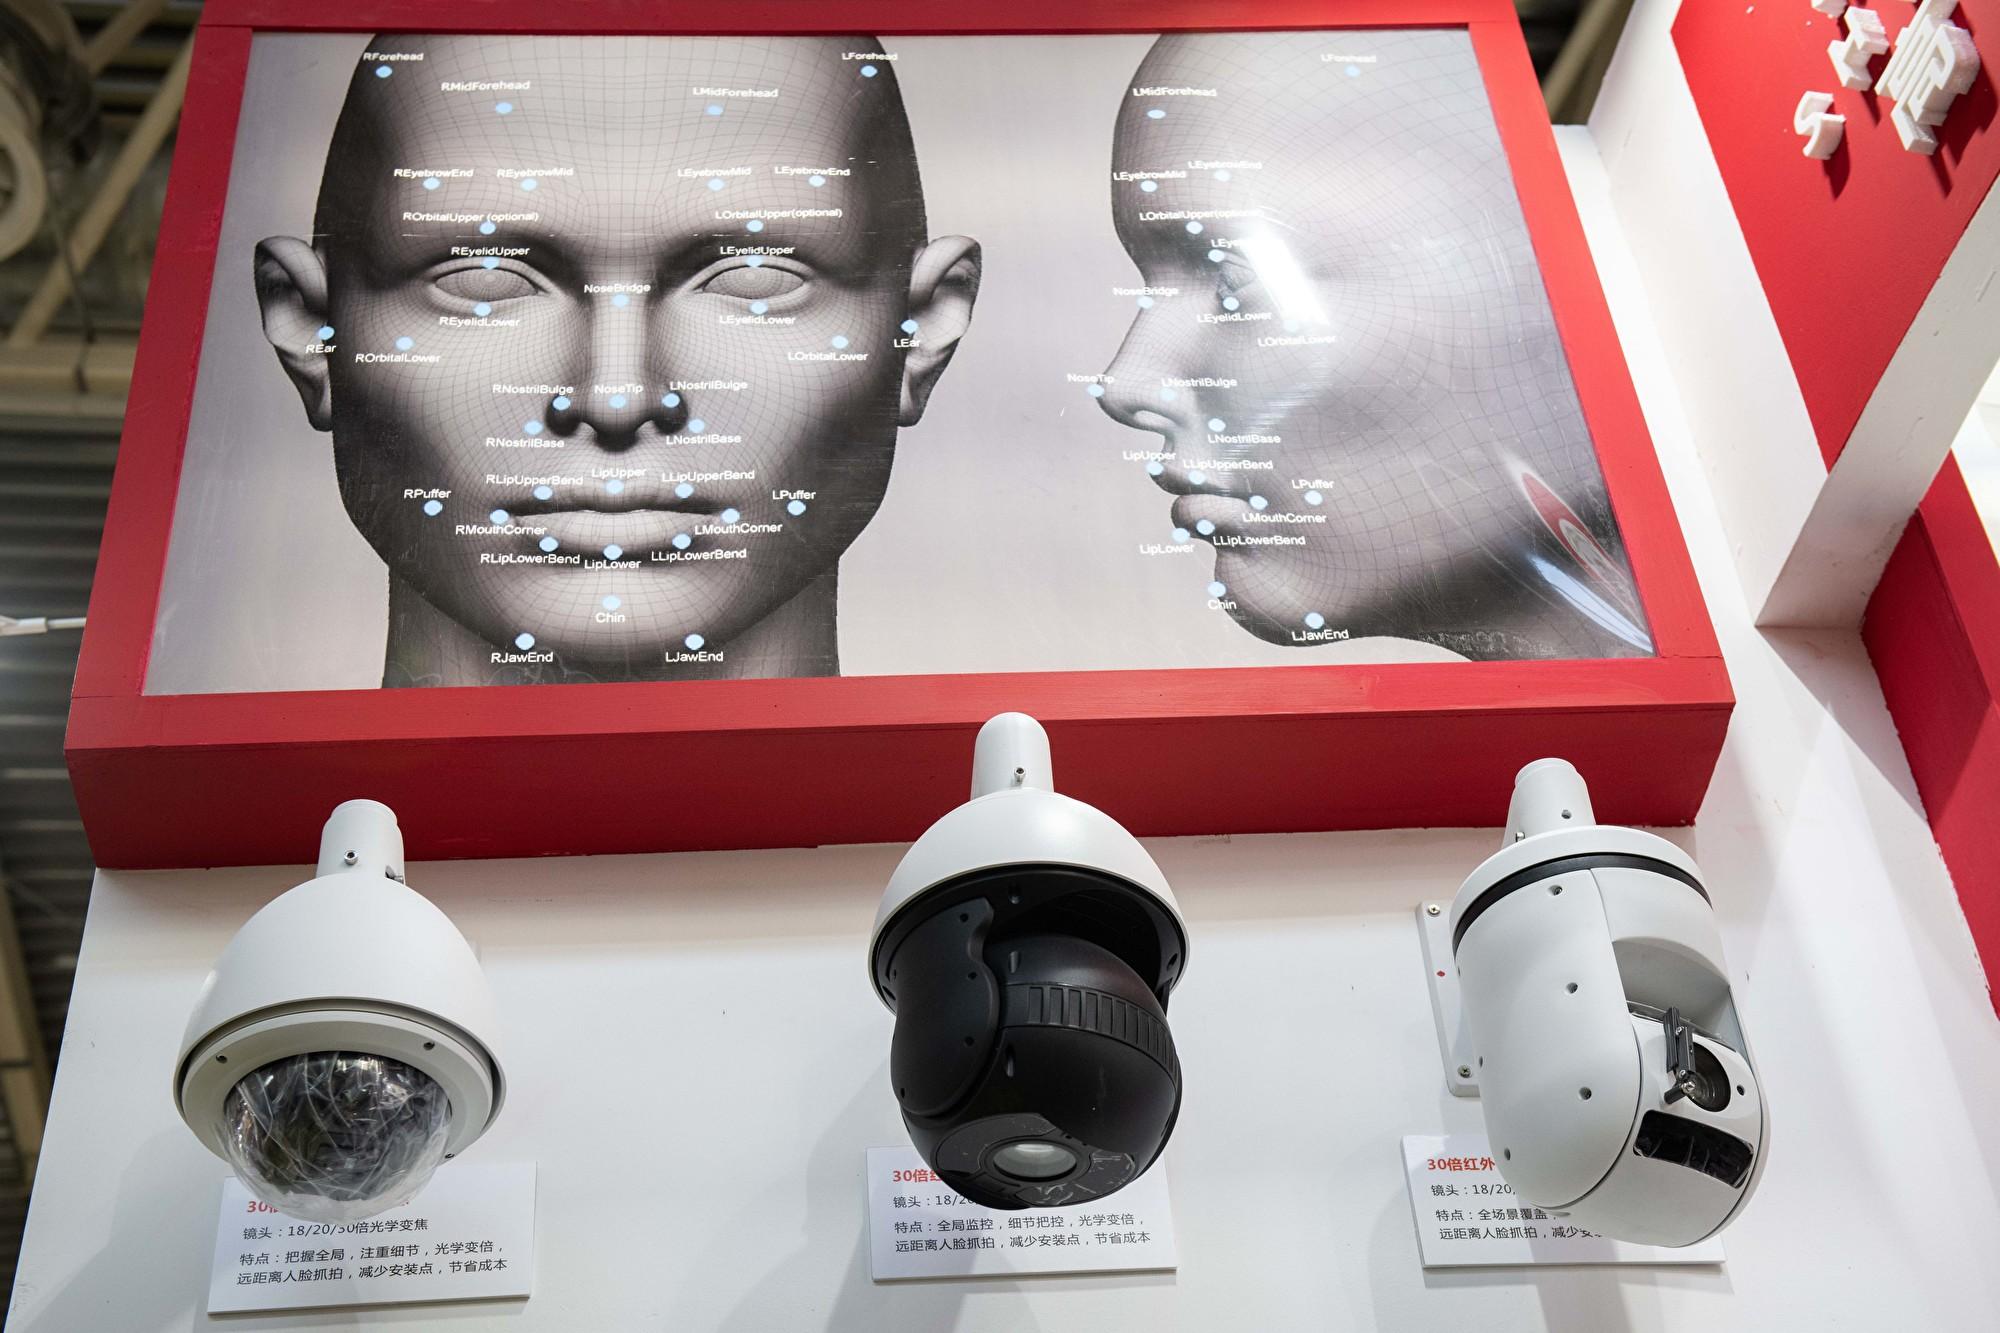 中國超級錄像頭出世 外界憂中共監控公眾